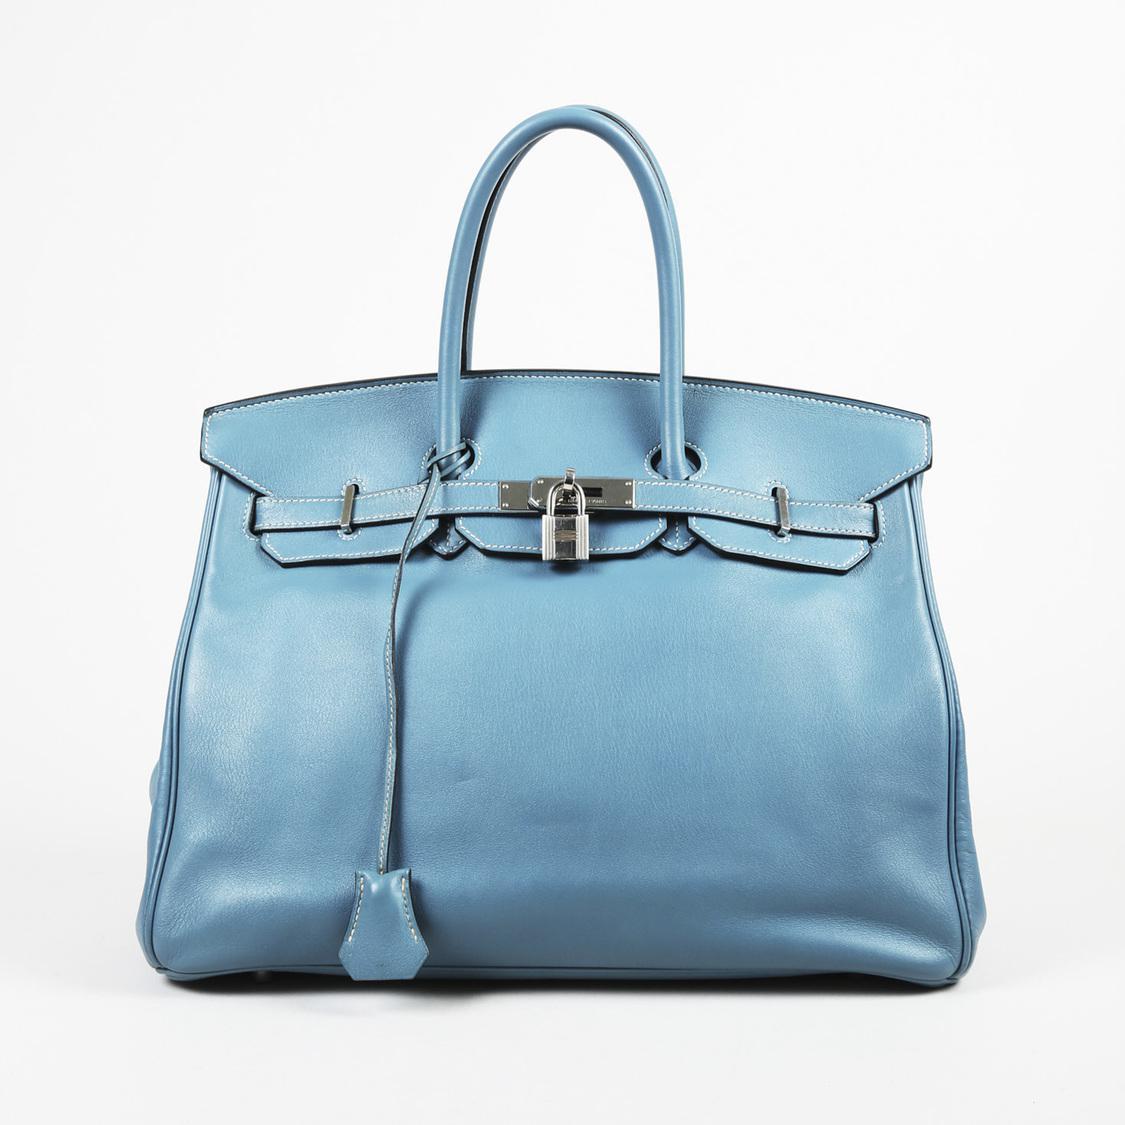 e140786684 Lyst - Hermès Blue Jean Swift Leather